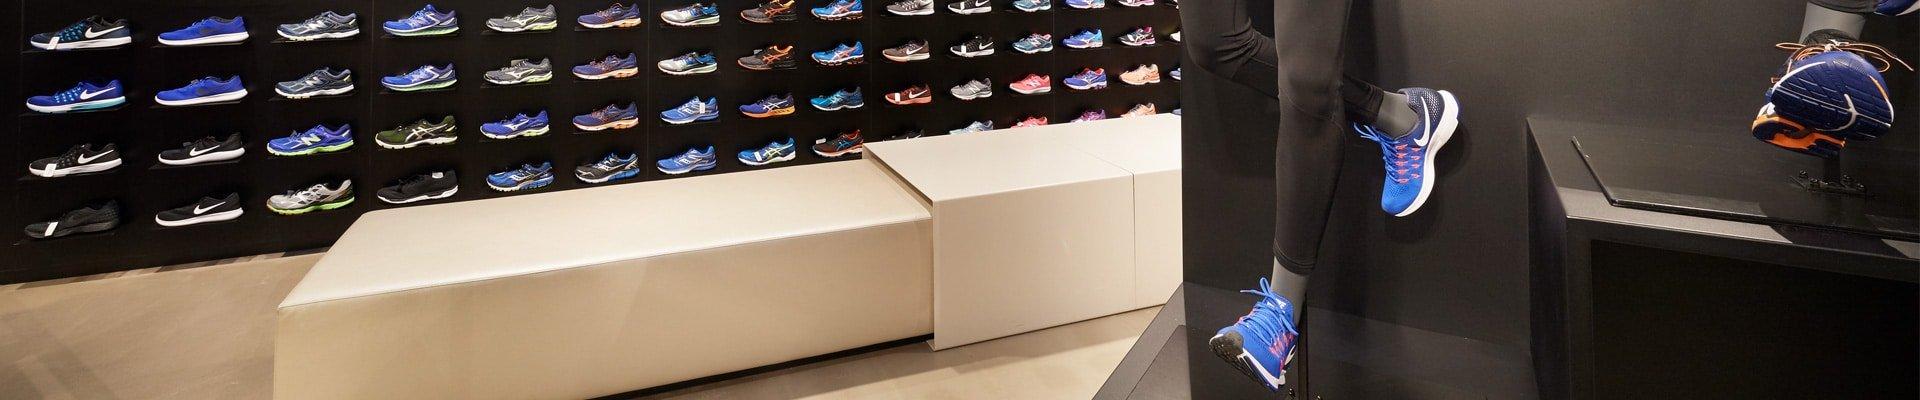 sfeerbanner schoenen sport